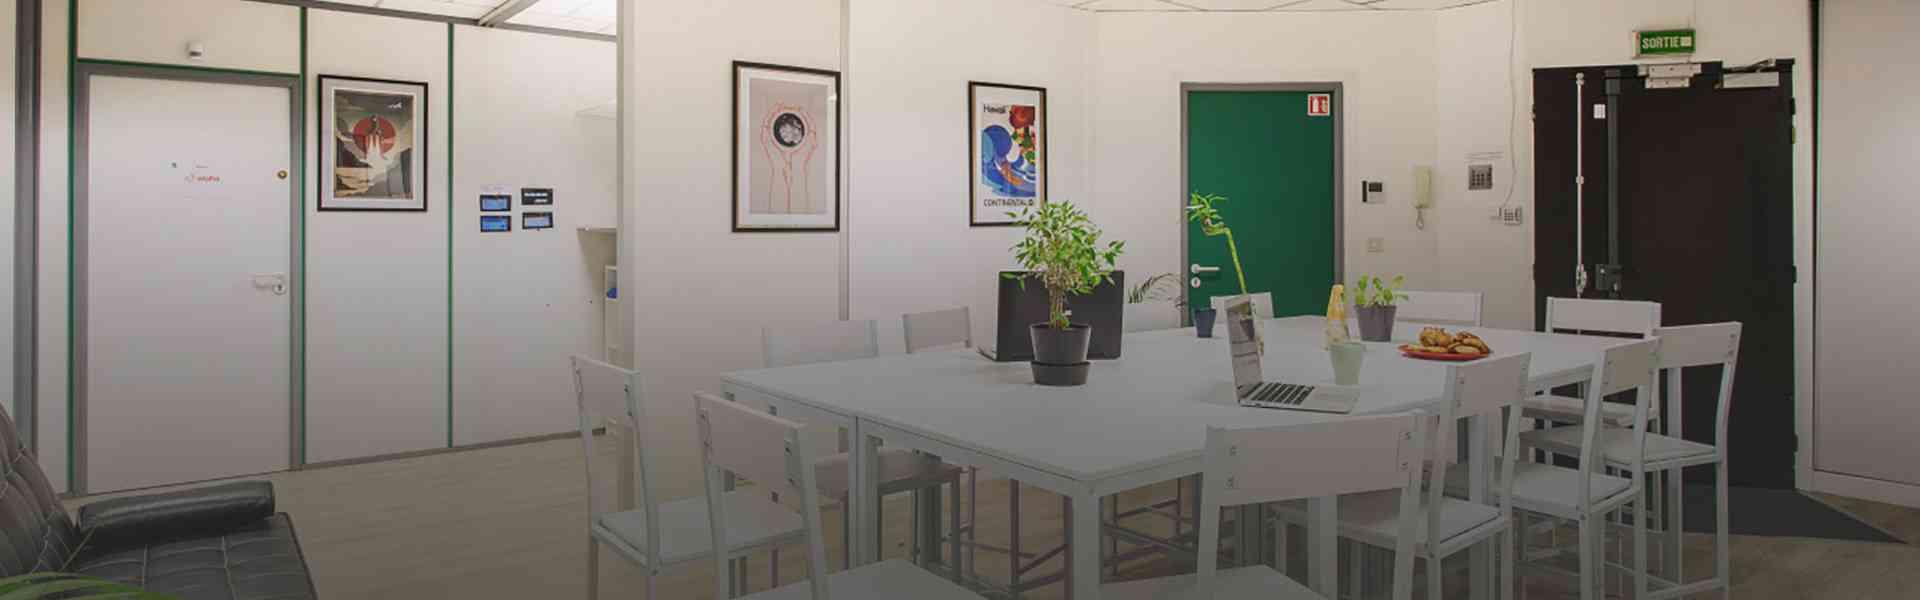 L'espace Focus - Studio 9